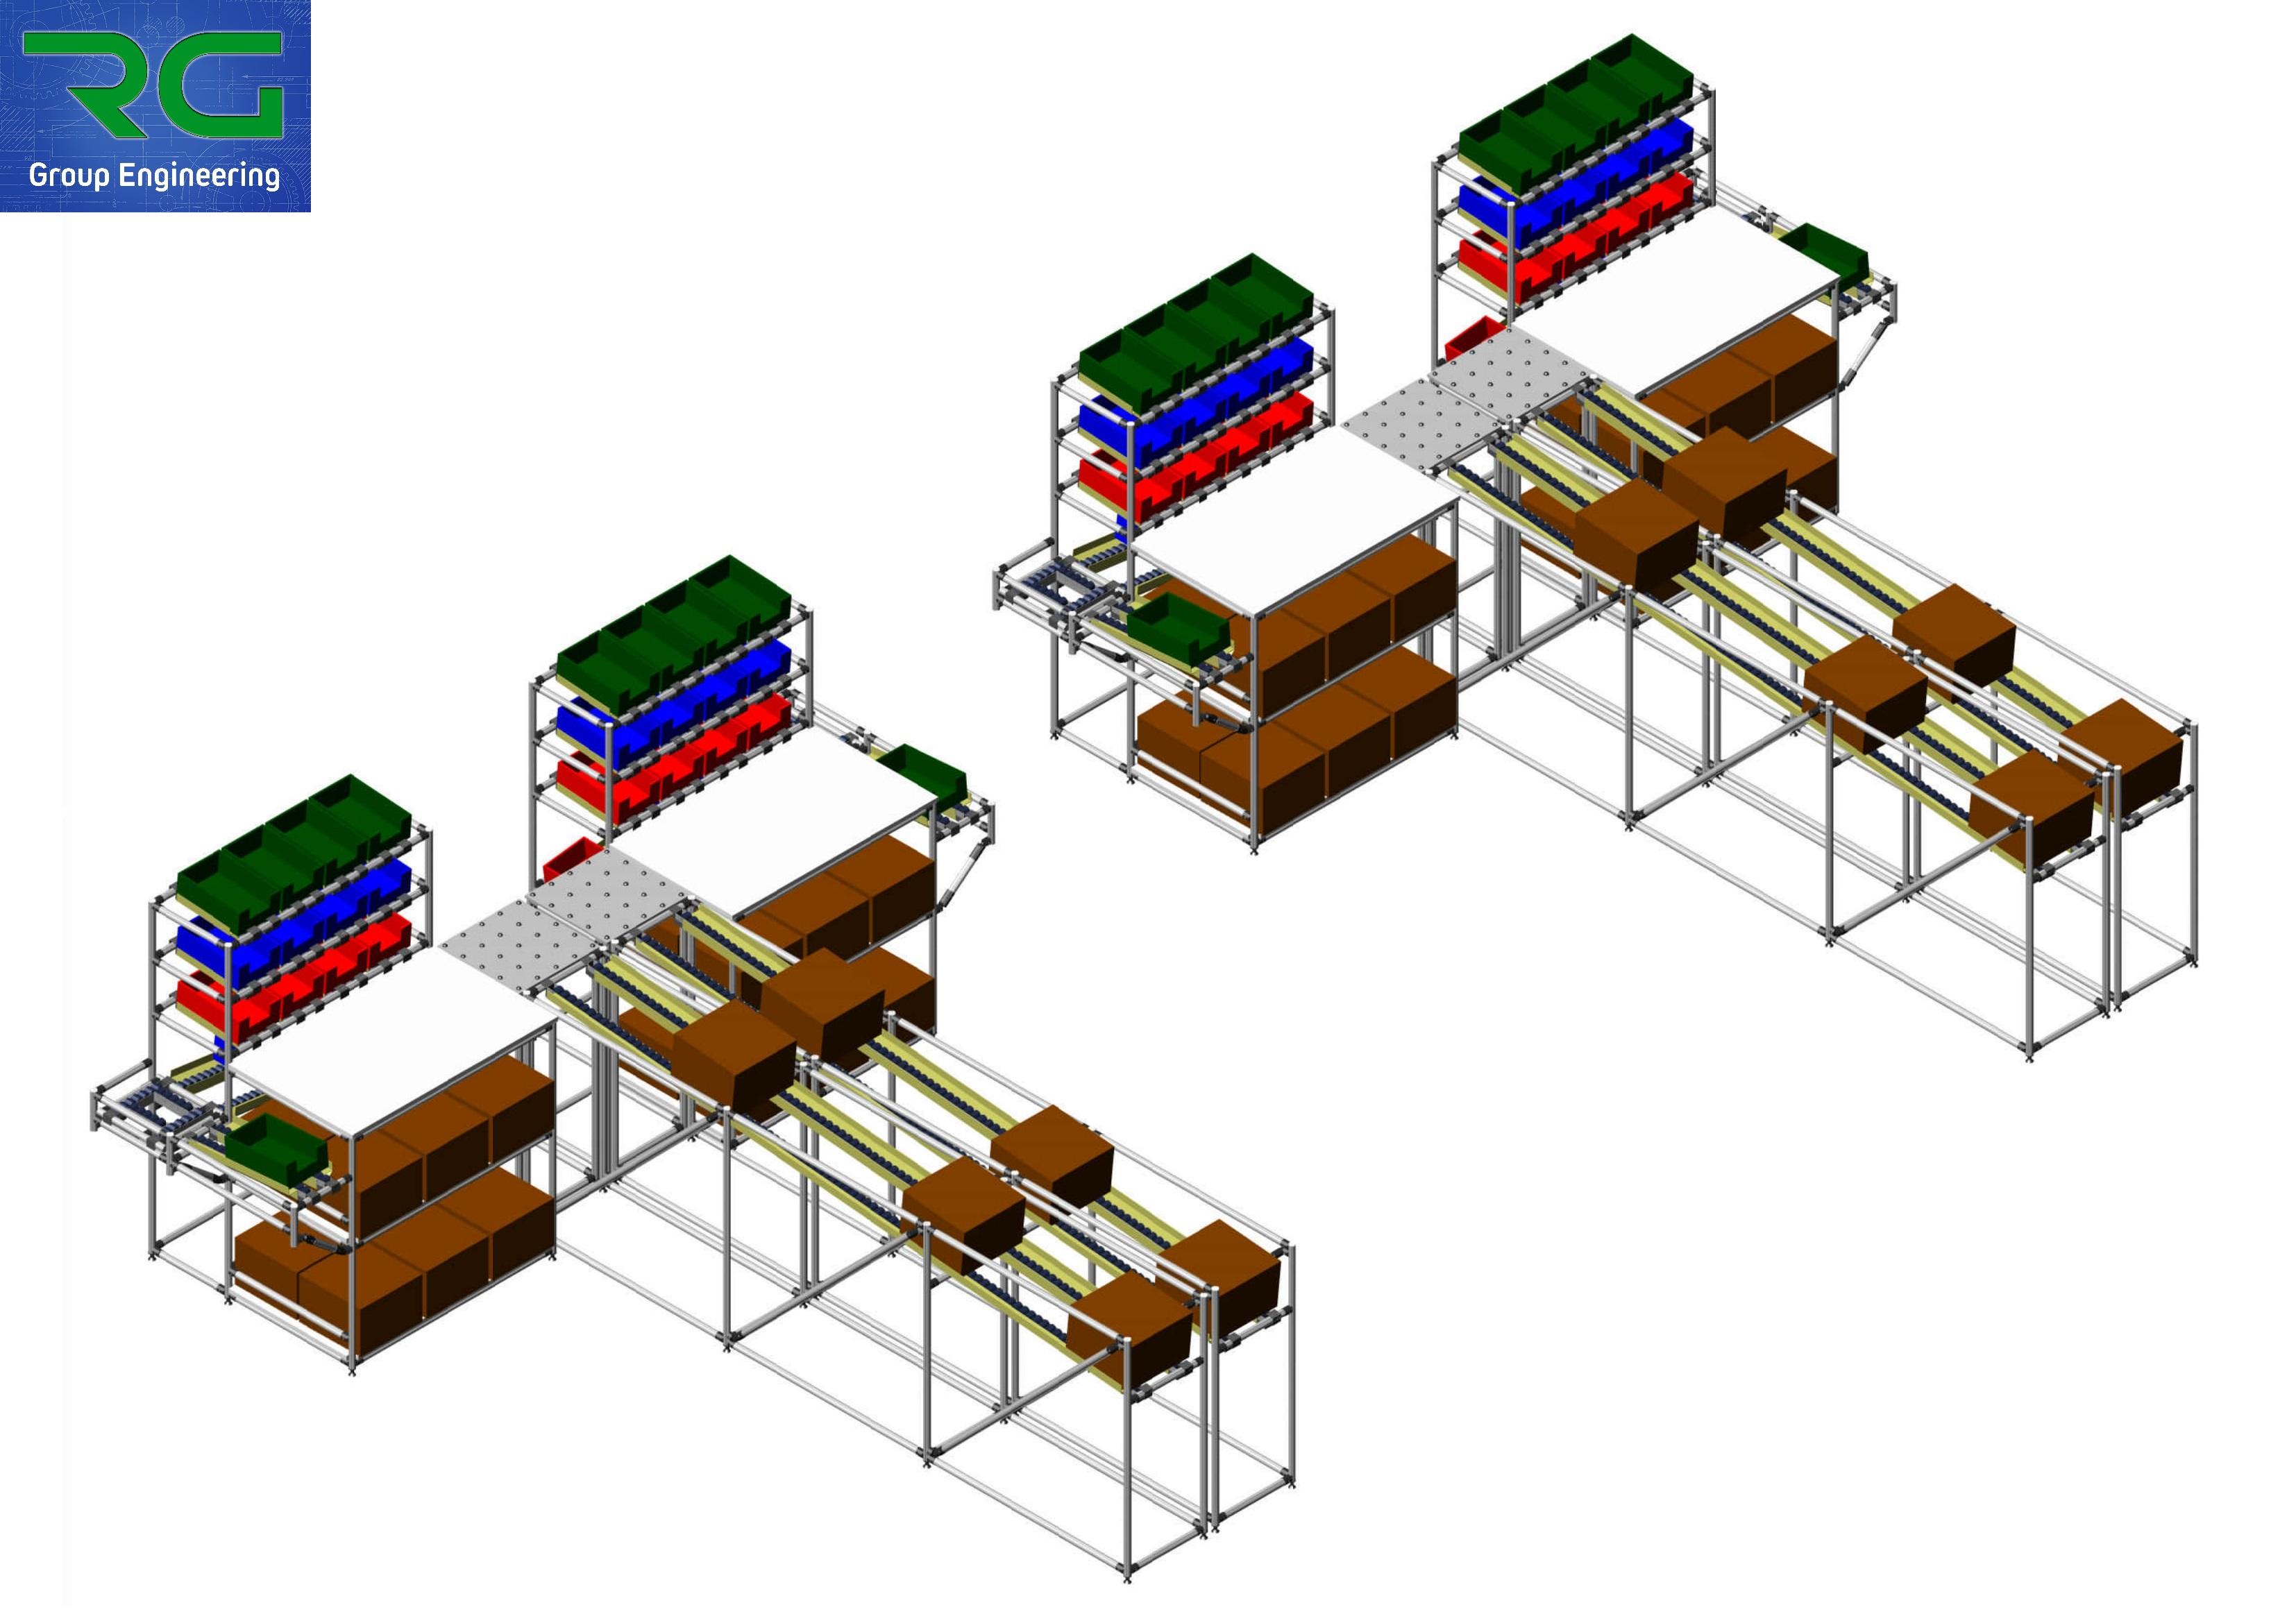 ISOLE DI LAVORO (SETTORE AUTOMOTIVE) Strutture lean statiche in alluminio per assemblaggio componenti e confezionamento scatole.